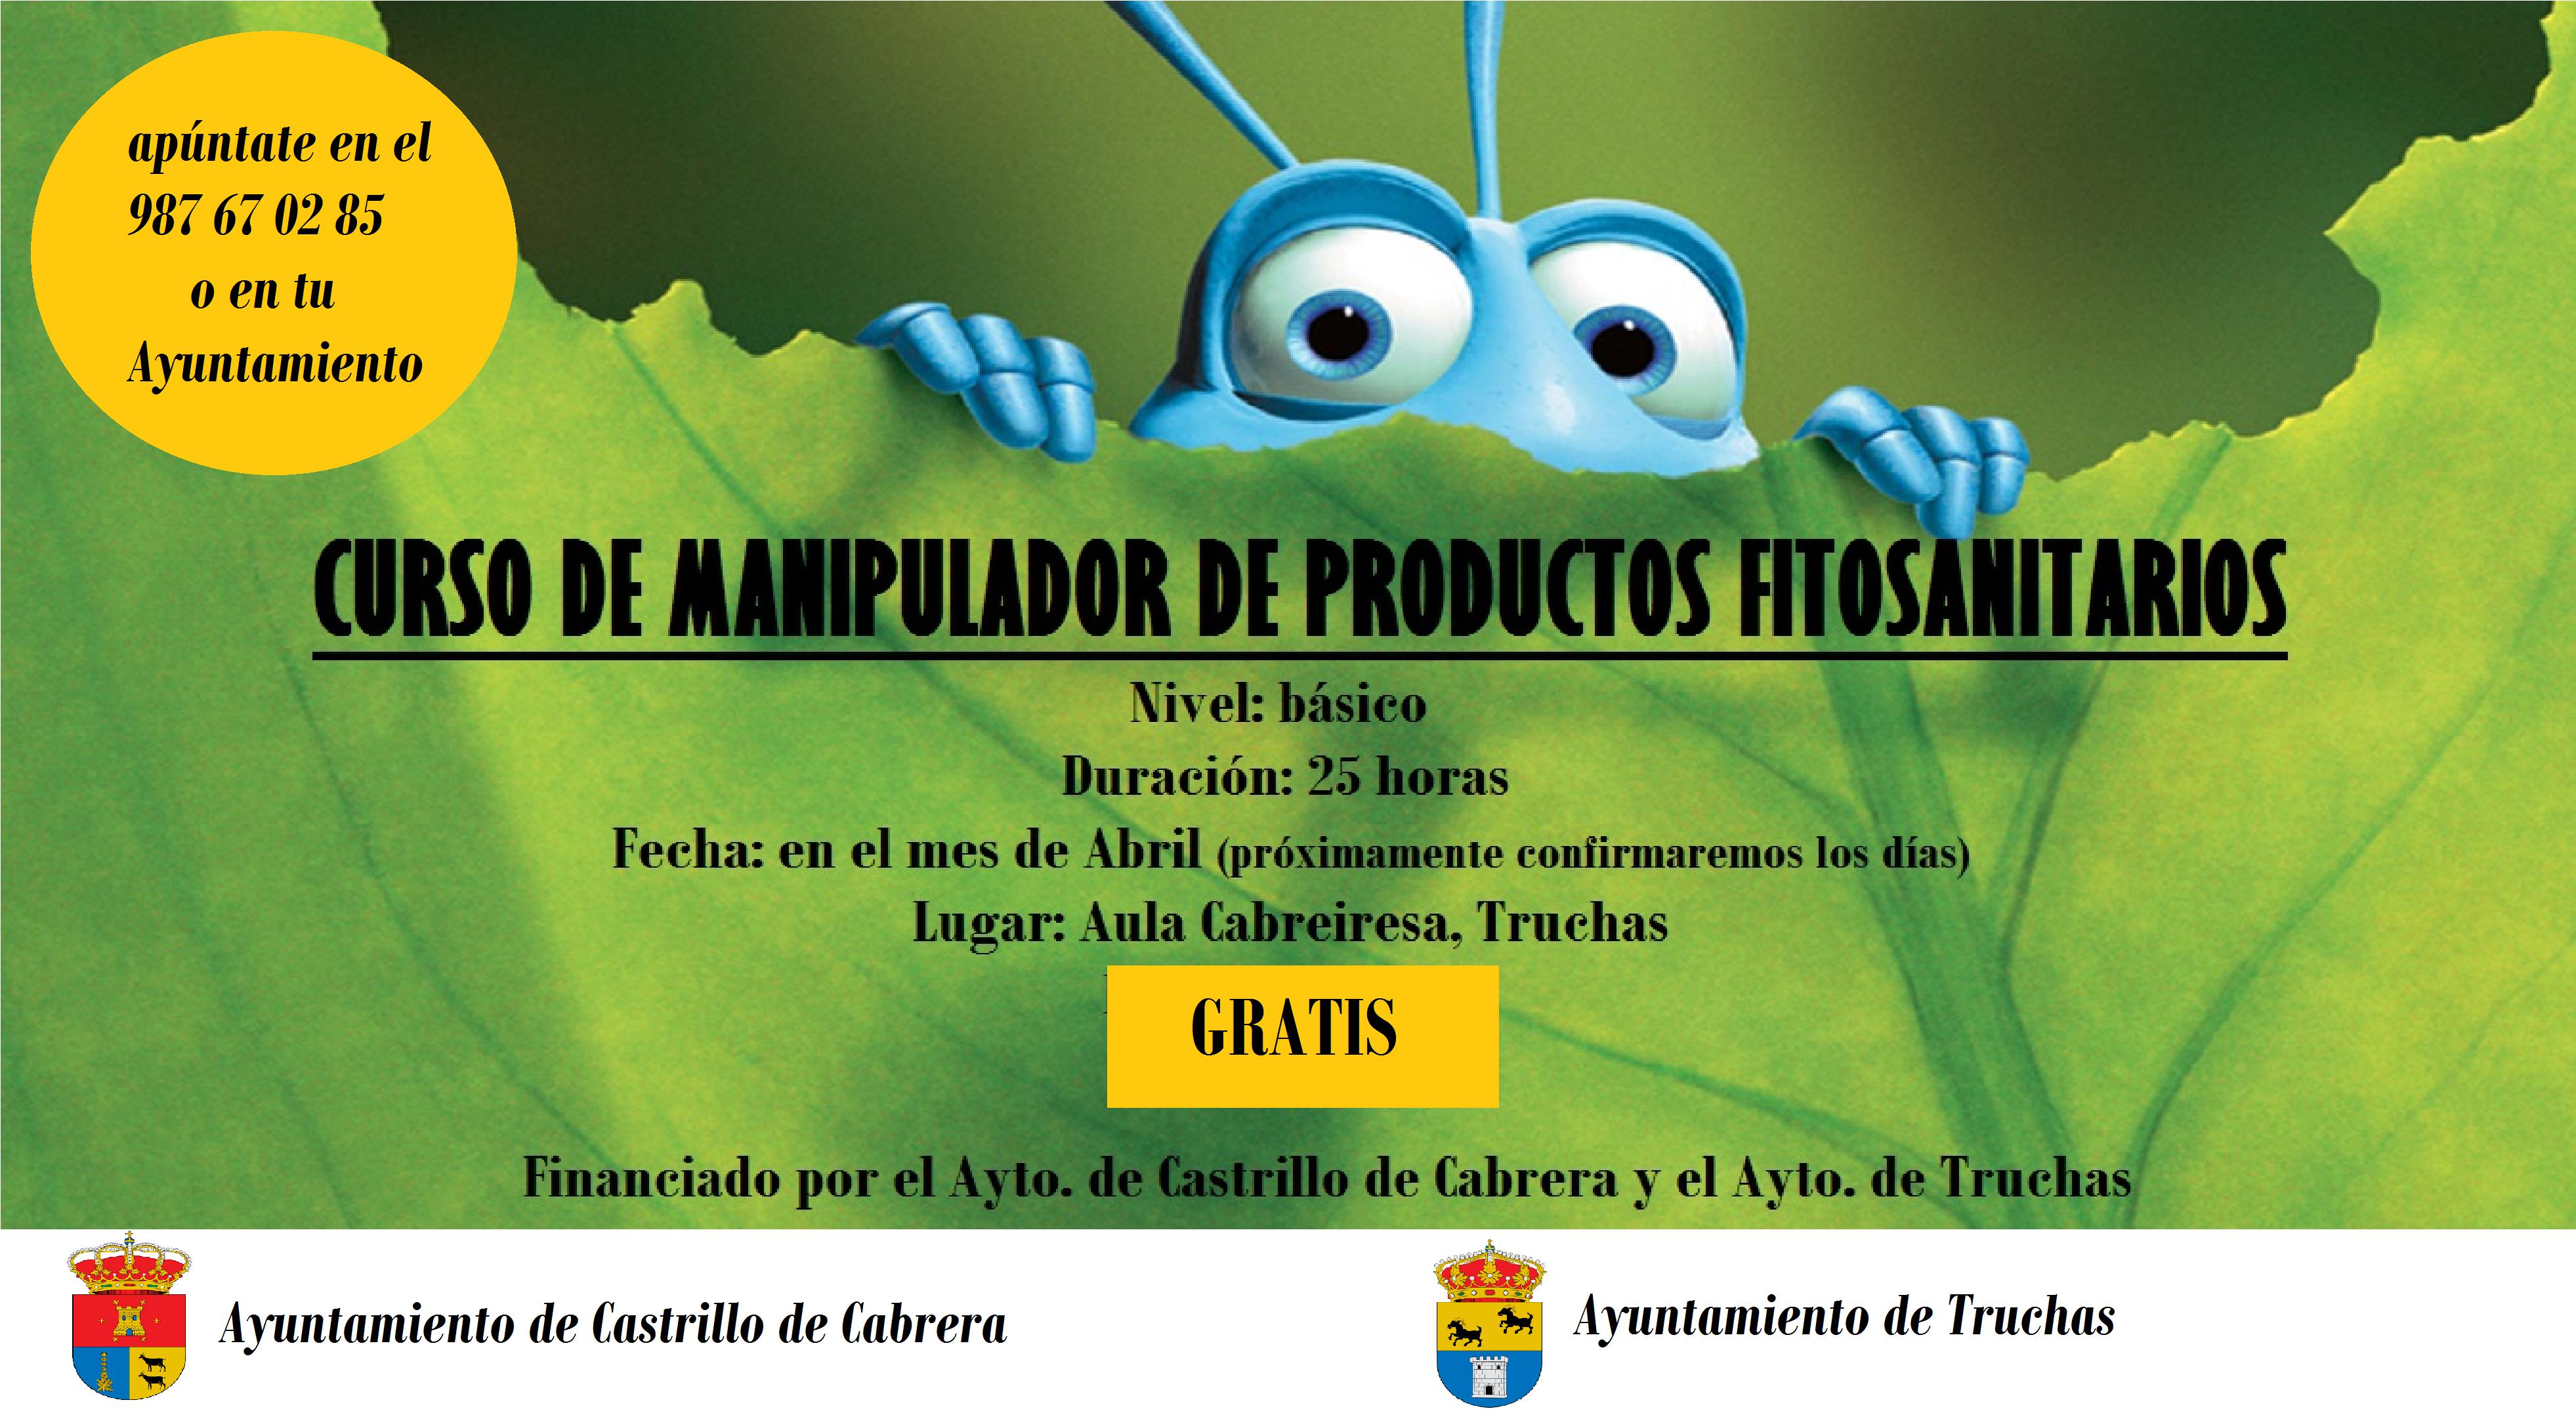 Curso de manipulador de productos fitosanitarios ayuntamiento de castrillo de cabrera - Curso de manipuladora de alimentos gratis ...